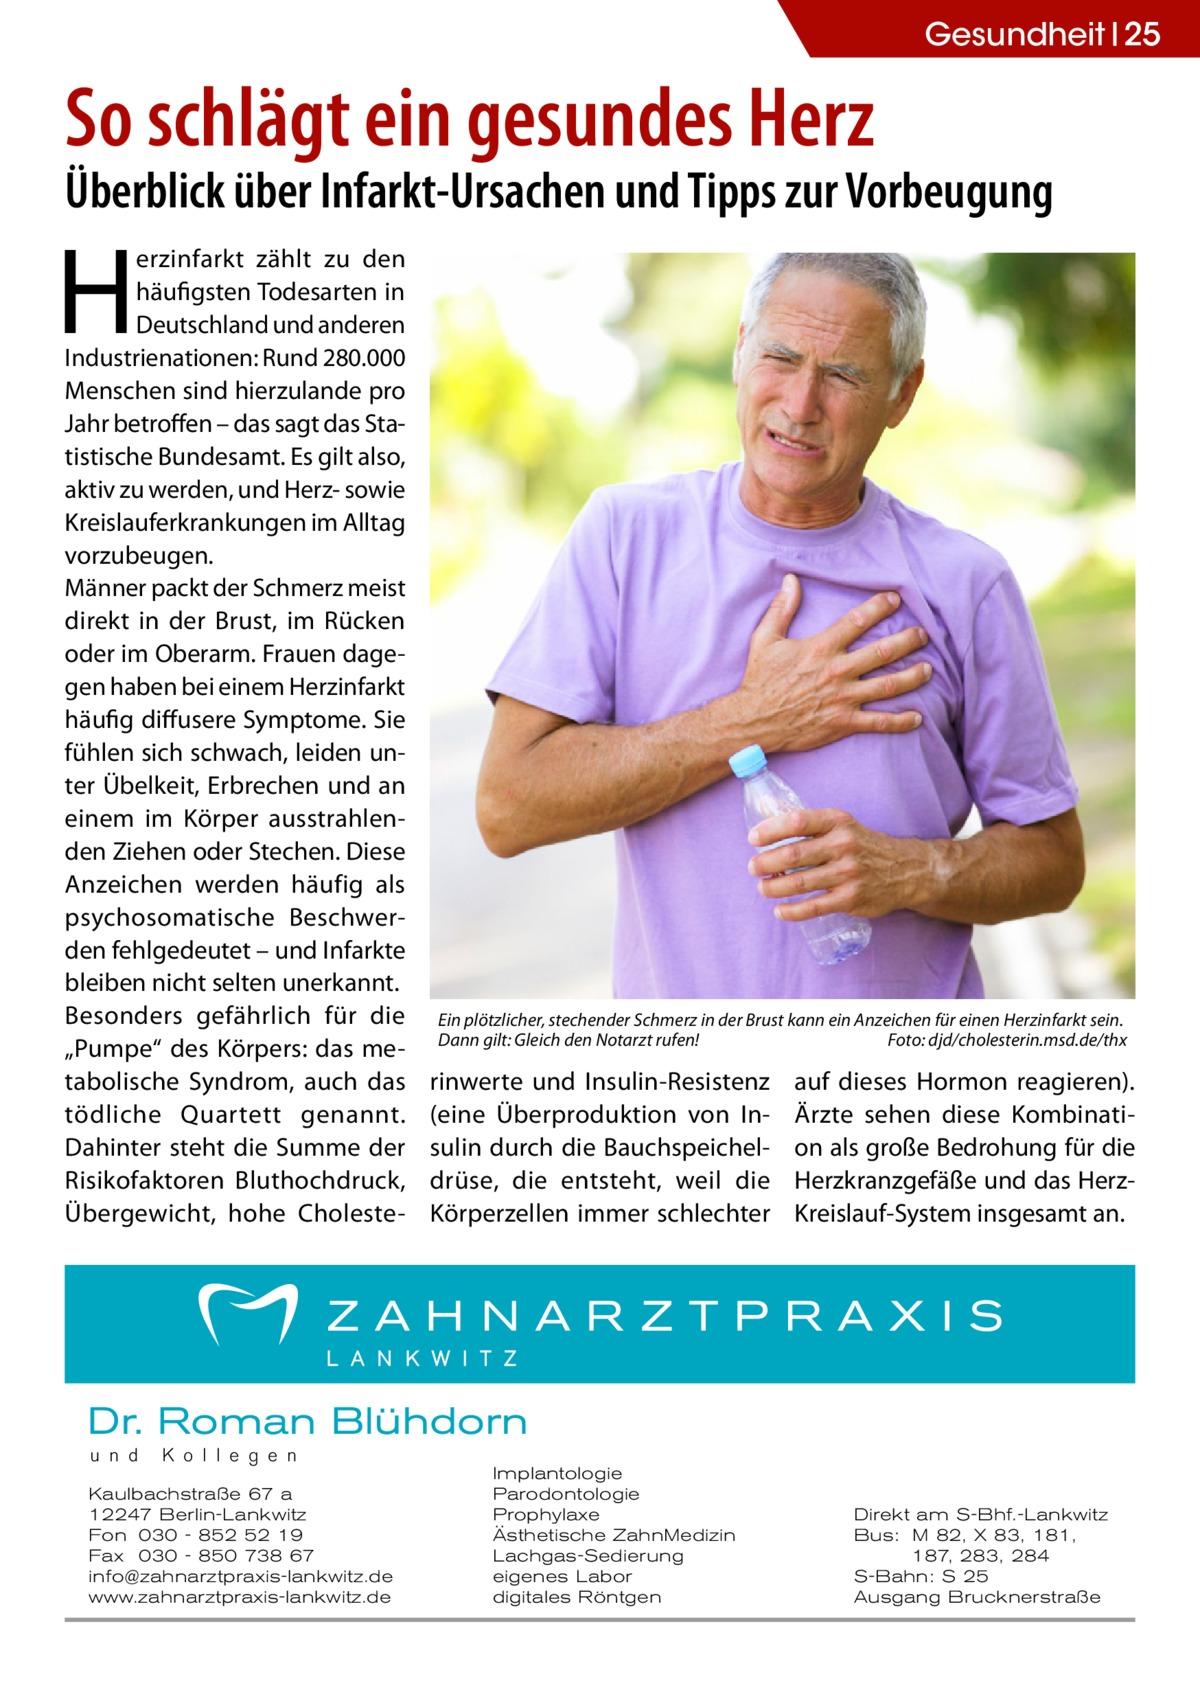 """Gesundheit 25  So schlägt ein gesundes Herz  Überblick über Infarkt-Ursachen und Tipps zur Vorbeugung  H  erzinfarkt zählt zu den häufigsten Todesarten in Deutschland und anderen Industrienationen: Rund 280.000 Menschen sind hierzulande pro Jahr betroffen – das sagt das Statistische Bundesamt. Es gilt also, aktiv zu werden, und Herz- sowie Kreislauferkrankungen im Alltag vorzubeugen. Männer packt der Schmerz meist direkt in der Brust, im Rücken oder im Oberarm. Frauen dagegen haben bei einem Herzinfarkt häufig diffusere Symptome. Sie fühlen sich schwach, leiden unter Übelkeit, Erbrechen und an einem im Körper ausstrahlenden Ziehen oder Stechen. Diese Anzeichen werden häufig als psychosomatische Beschwerden fehlgedeutet – und Infarkte bleiben nicht selten unerkannt. Besonders gefährlich für die """"Pumpe"""" des Körpers: das metabolische Syndrom, auch das tödliche Quartett genannt. Dahinter steht die Summe der Risikofaktoren Bluthochdruck, Übergewicht, hohe Choleste Ein plötzlicher, stechender Schmerz in der Brust kann ein Anzeichen für einen Herzinfarkt sein. Dann gilt: Gleich den Notarzt rufen!� Foto: djd/cholesterin.msd.de/thx  rinwerte und Insulin-Resistenz (eine Überproduktion von Insulin durch die Bauchspeicheldrüse, die entsteht, weil die Körperzellen immer schlechter  auf dieses Hormon reagieren). Ärzte sehen diese Kombination als große Bedrohung für die Herzkranzgefäße und das HerzKreislauf-System insgesamt an.  Dr. Roman Blühdorn u n d  K o l l e g e n  Kaulbachstraße 67 a 12247 Berlin-Lankwitz Fon 030 - 852 52 19 Fax 030 - 850 738 67 info@zahnarztpraxis-lankwitz.de www.zahnarztpraxis-lankwitz.de  Implantologie Parodontologie Prophylaxe Ästhetische ZahnMedizin Lachgas-Sedierung eigenes Labor digitales Röntgen  Direkt am S-Bhf.-Lankwitz Bus: M 82, X 83, 181, 187, 283, 284 S-Bahn: S 25 Ausgang Brucknerstraße"""